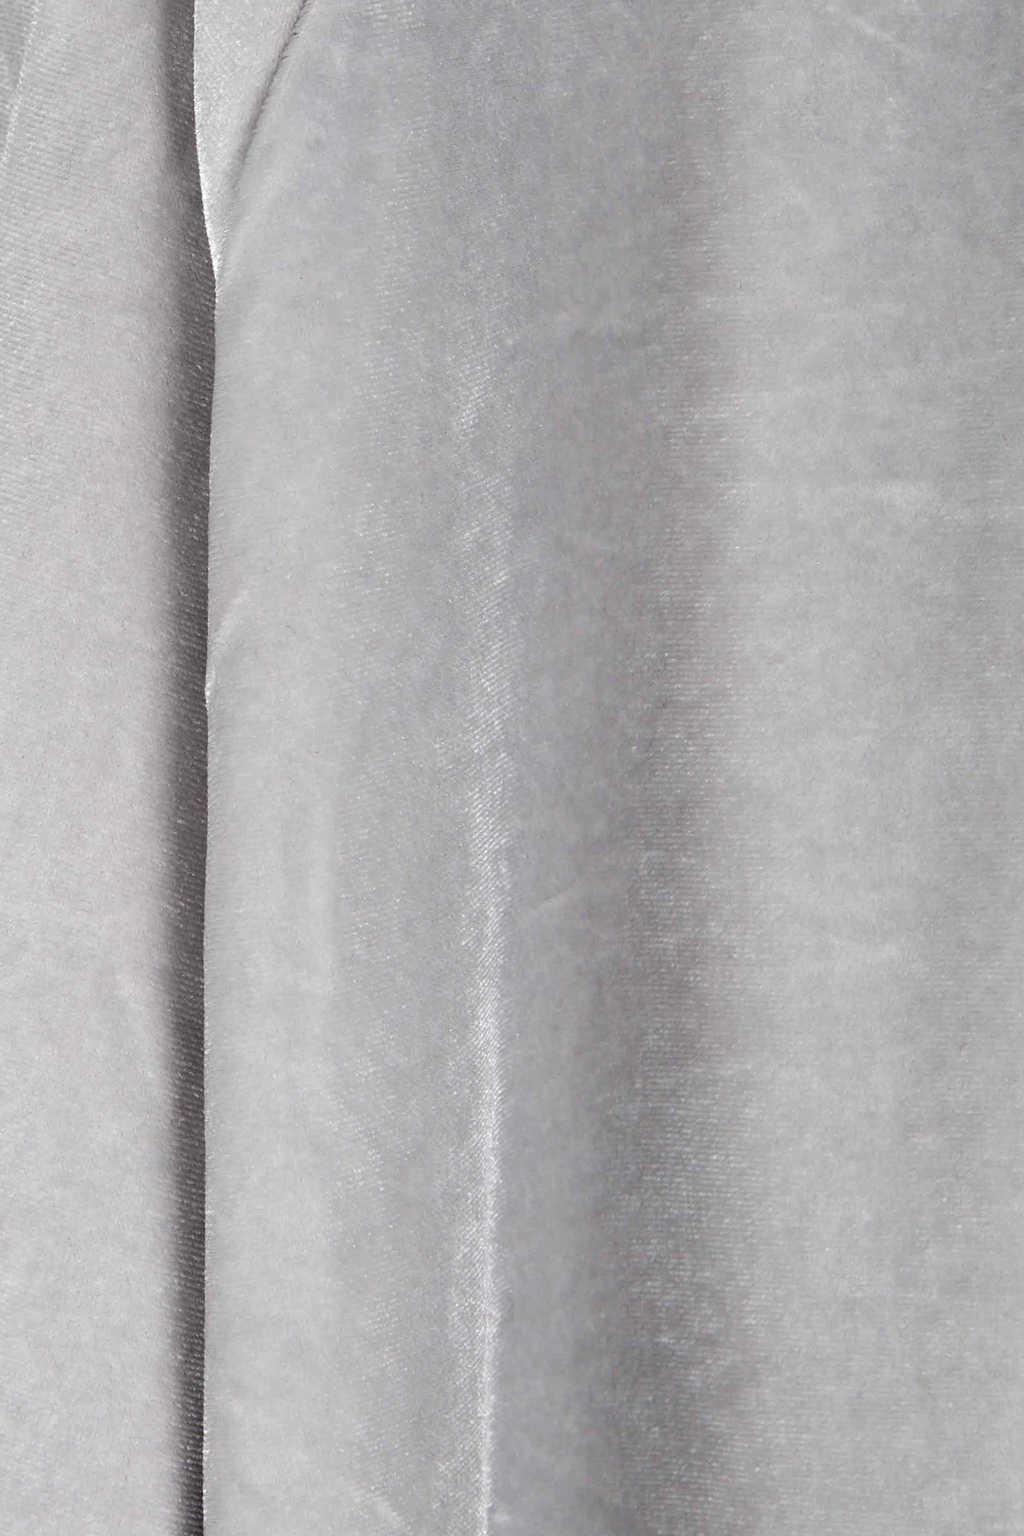 TShirt H434 Gray 6